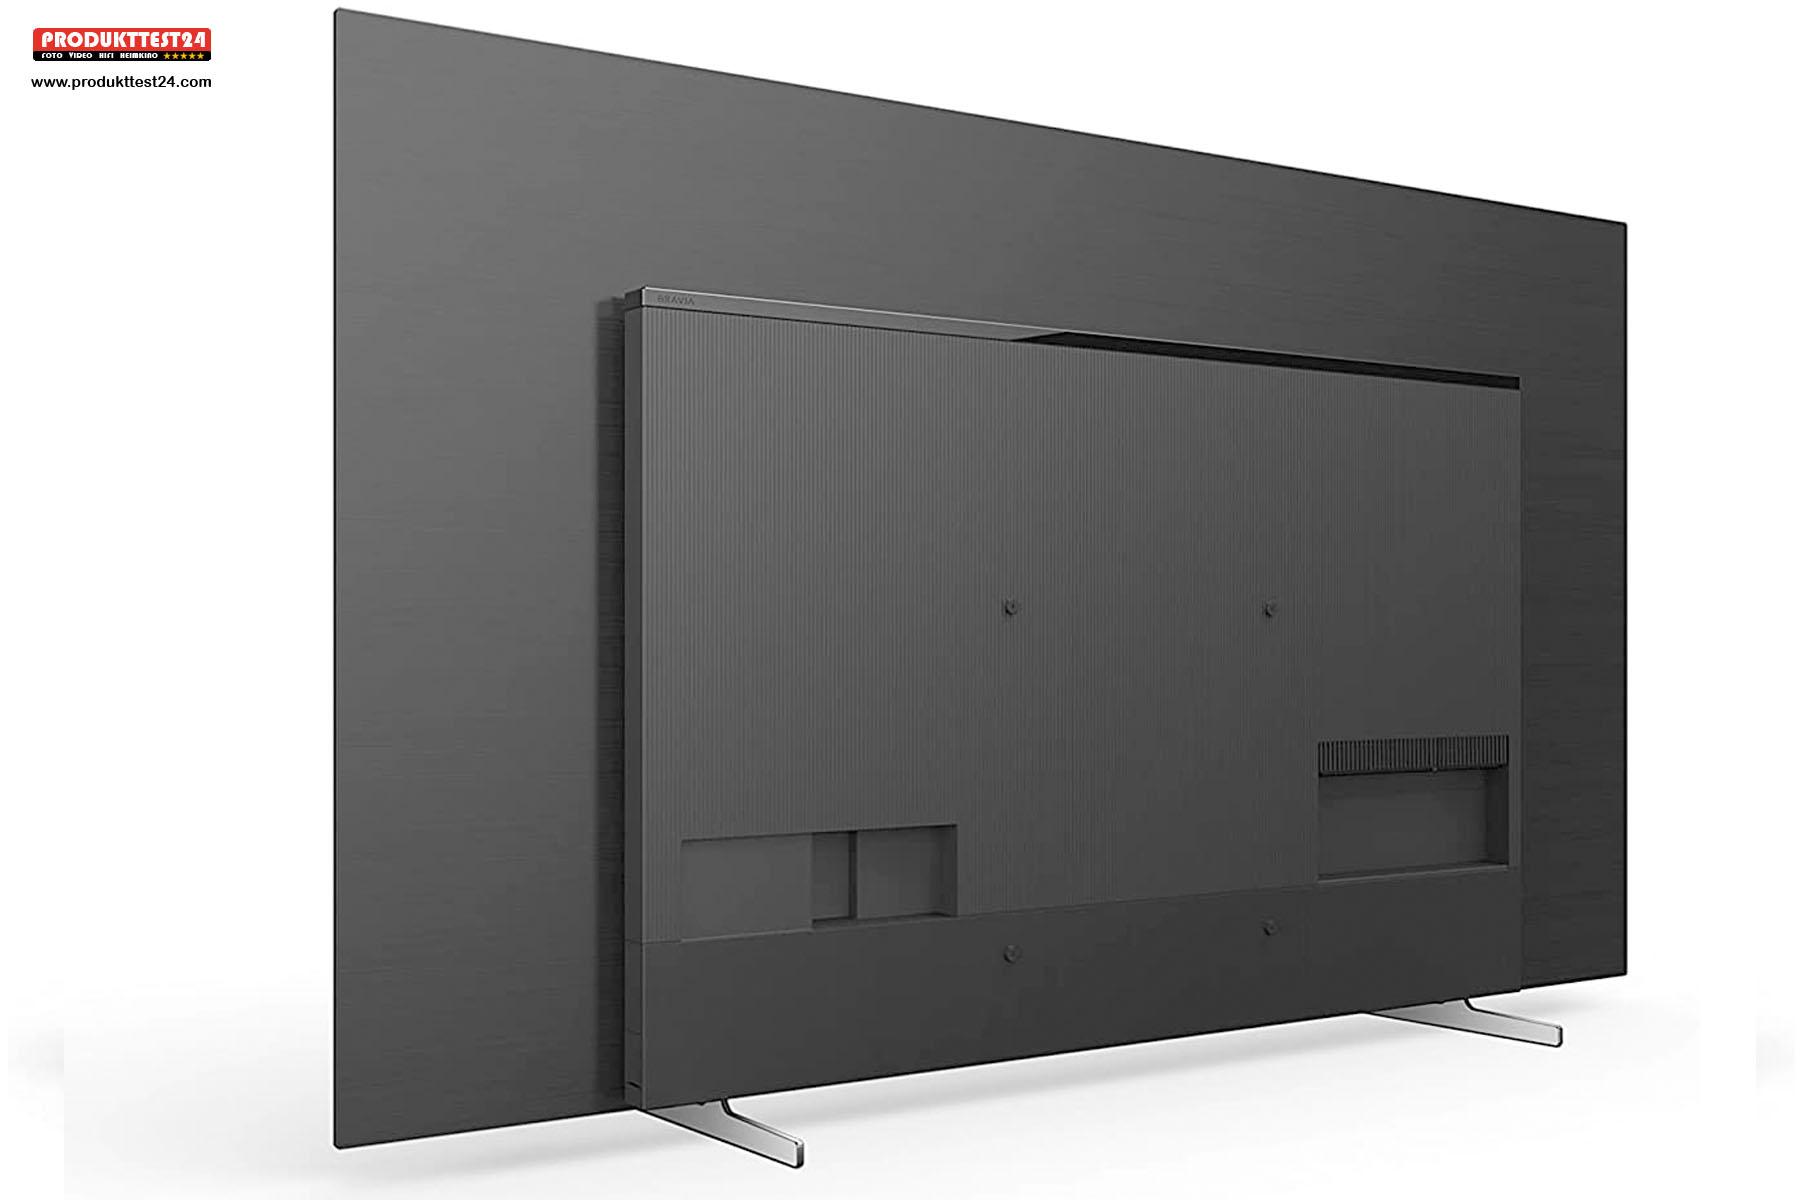 Einer der flachsten Fernseher auf dem Markt